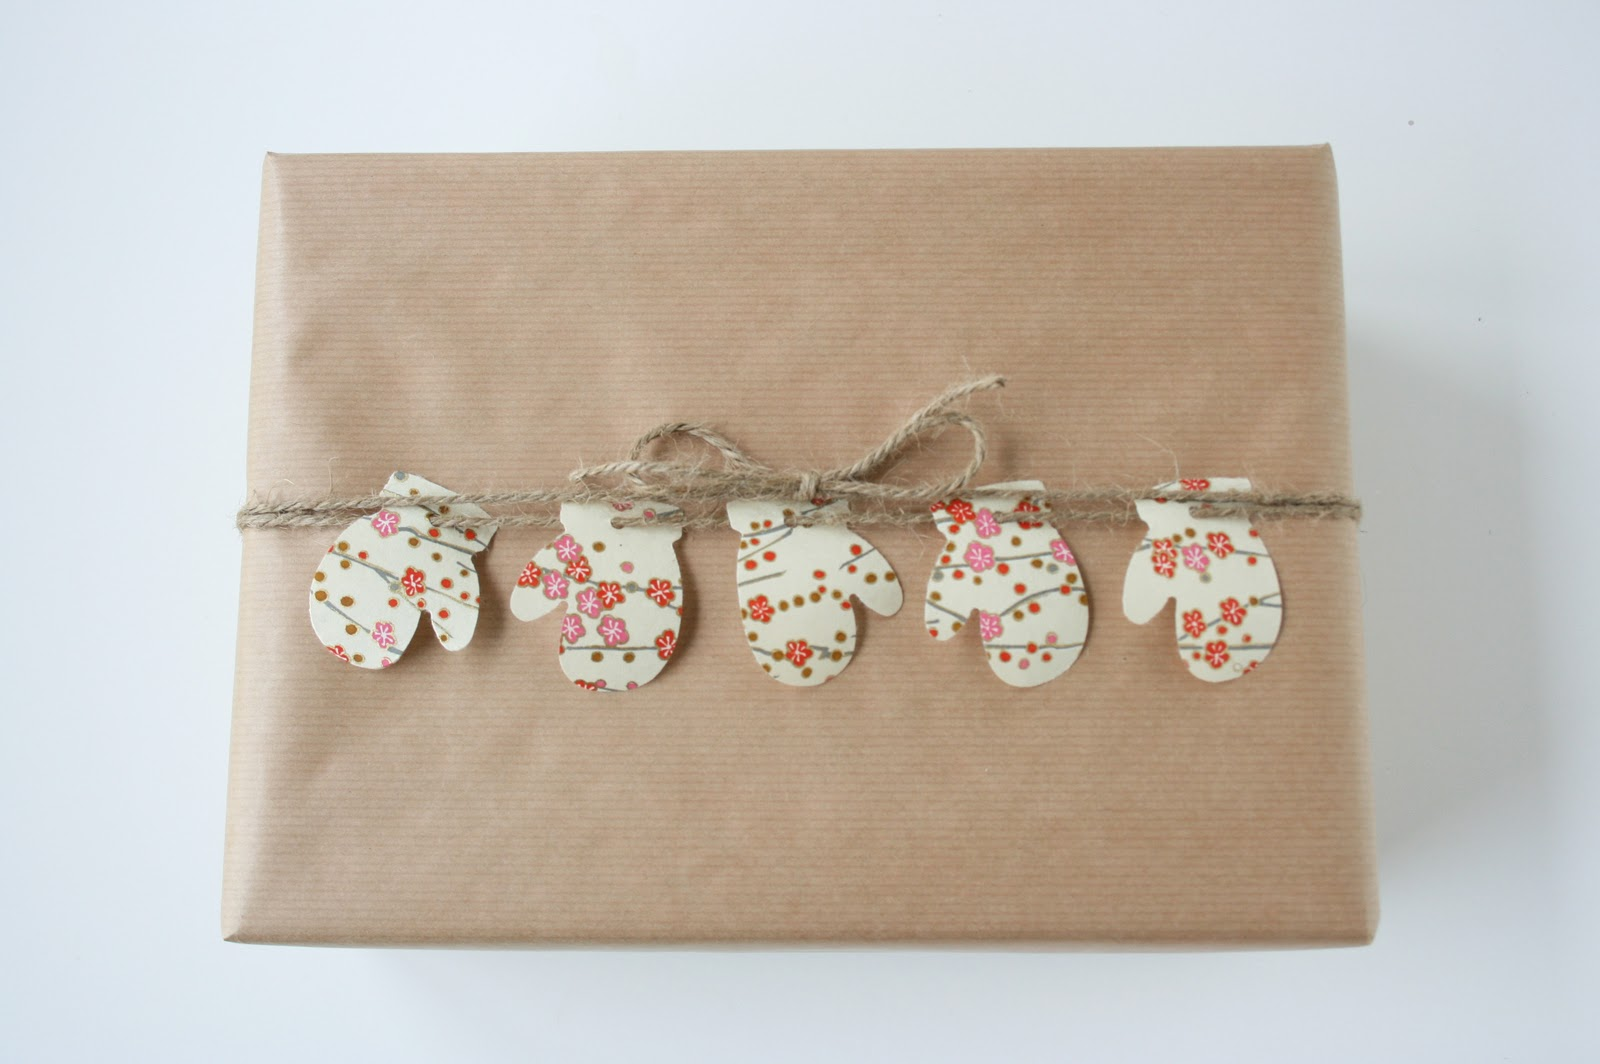 Упаковка подарка в крафтовую бумагу и декор из веревки и варежек из бумаги